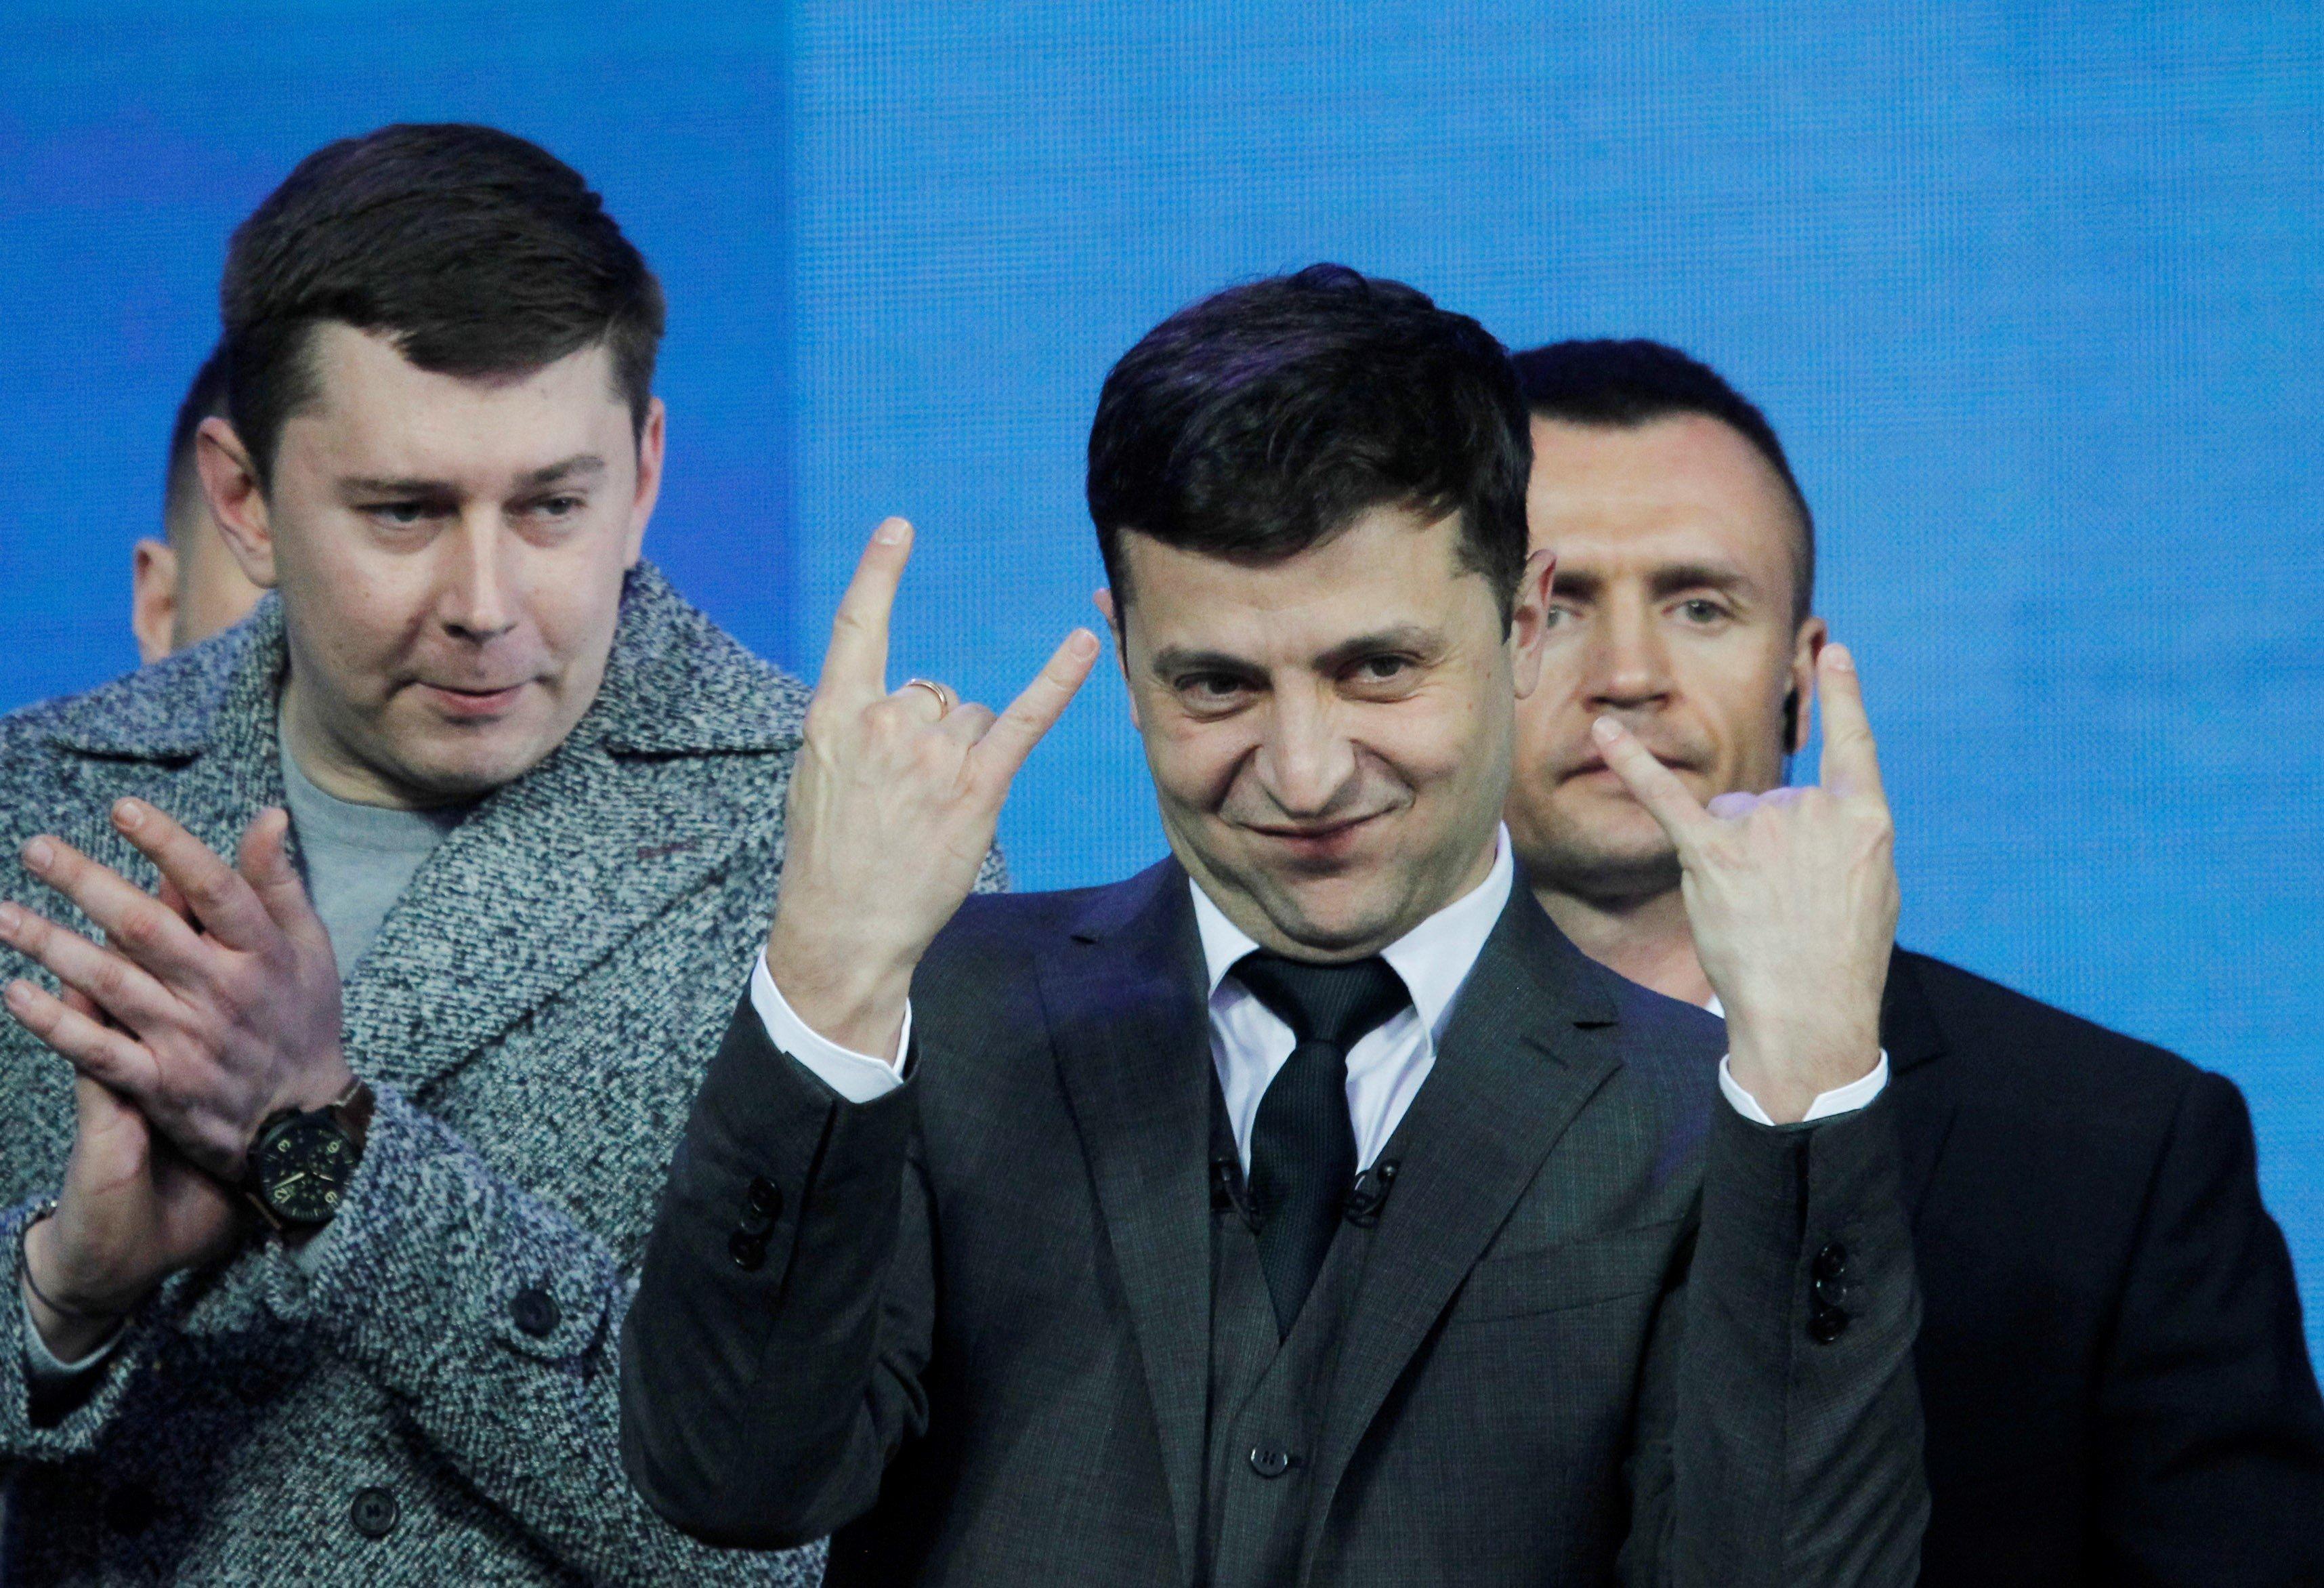 Así es Vladímir Zelenski, el 'José Mota' de Ucrania que se ha convertido en